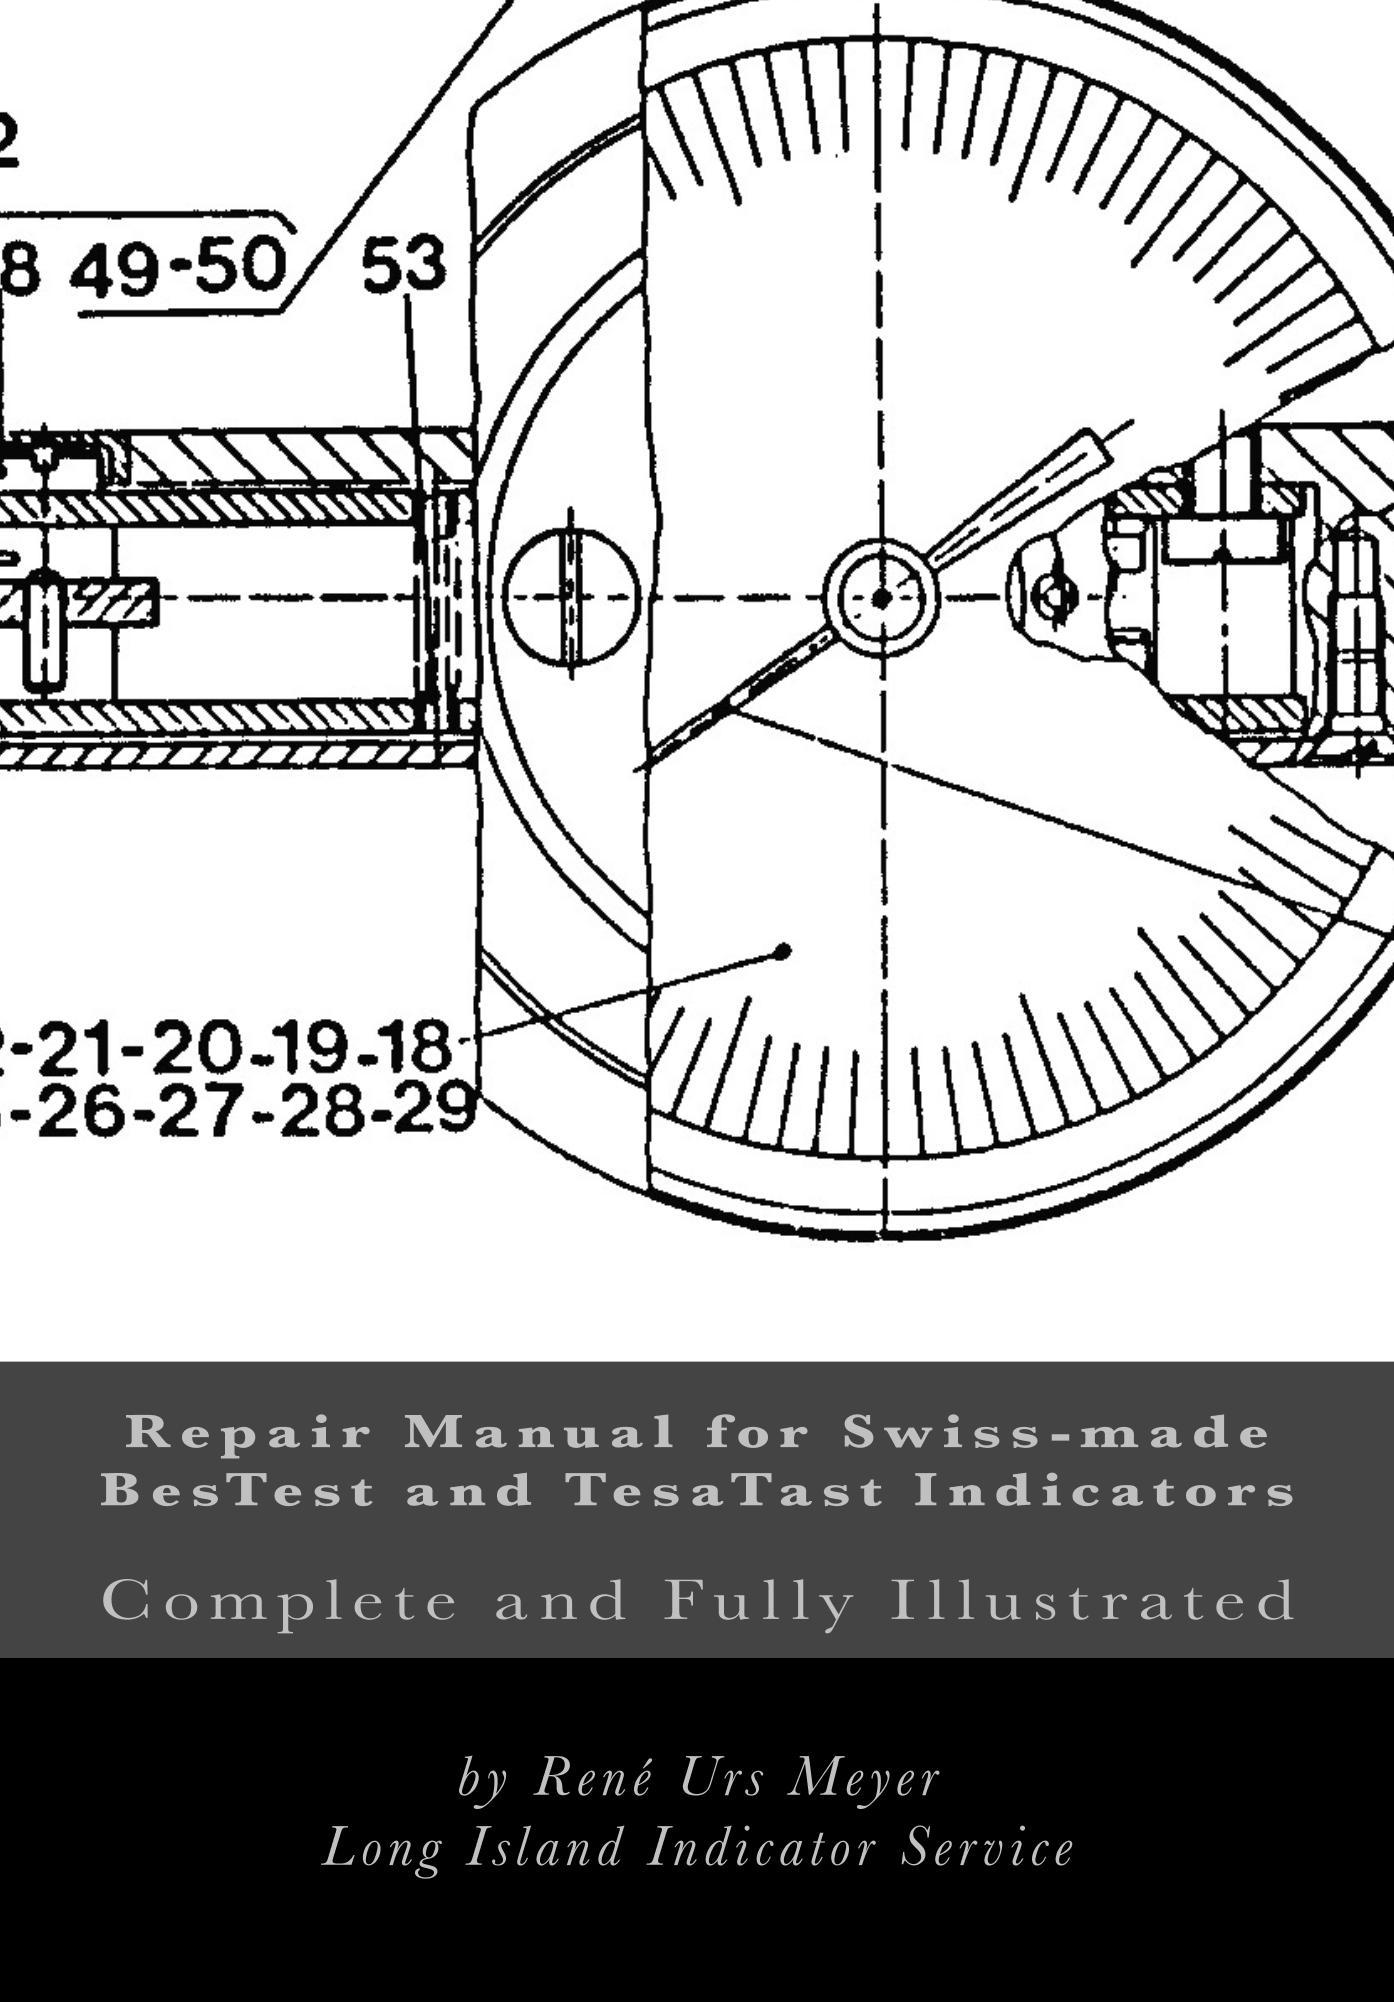 BesTest Indicator Repair Manual